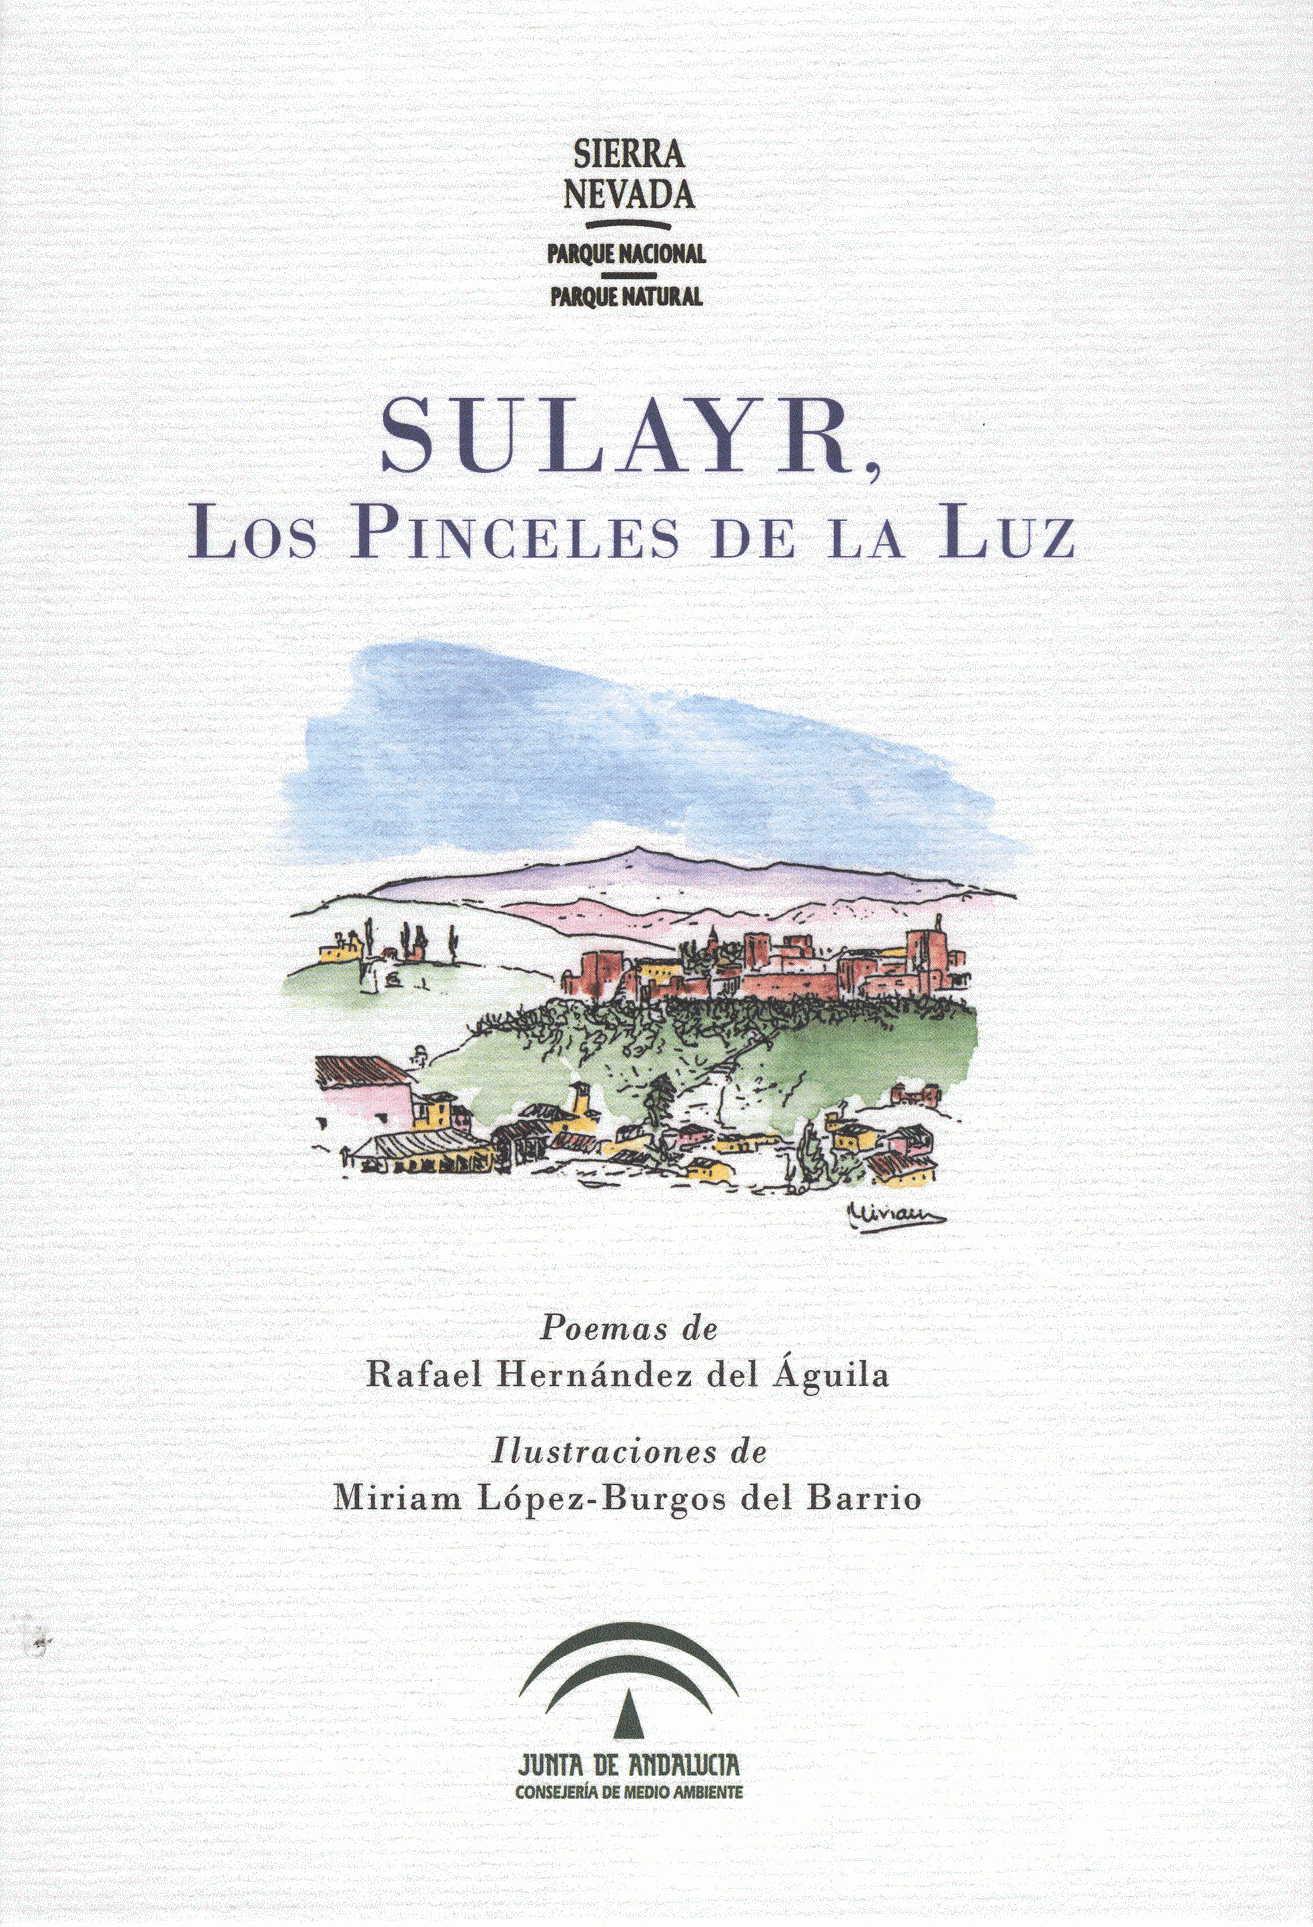 Sulayr, los pinceles de la luz